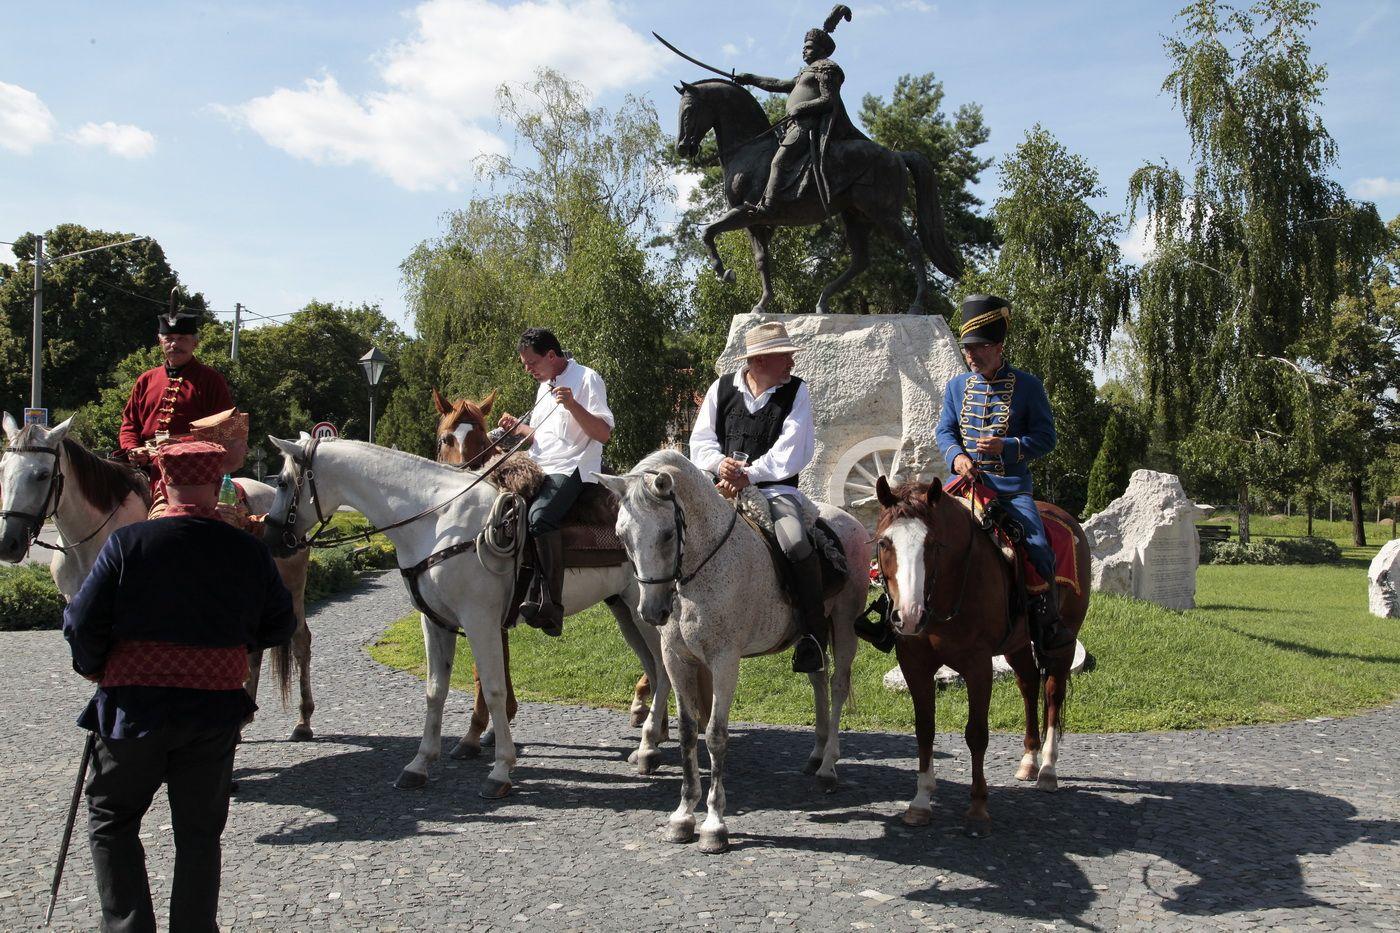 III. Sobieski János, lengyel király, a párkányi törökverő hadak vezére szobránál. Fotó: Dániel Erzsébet archívuma